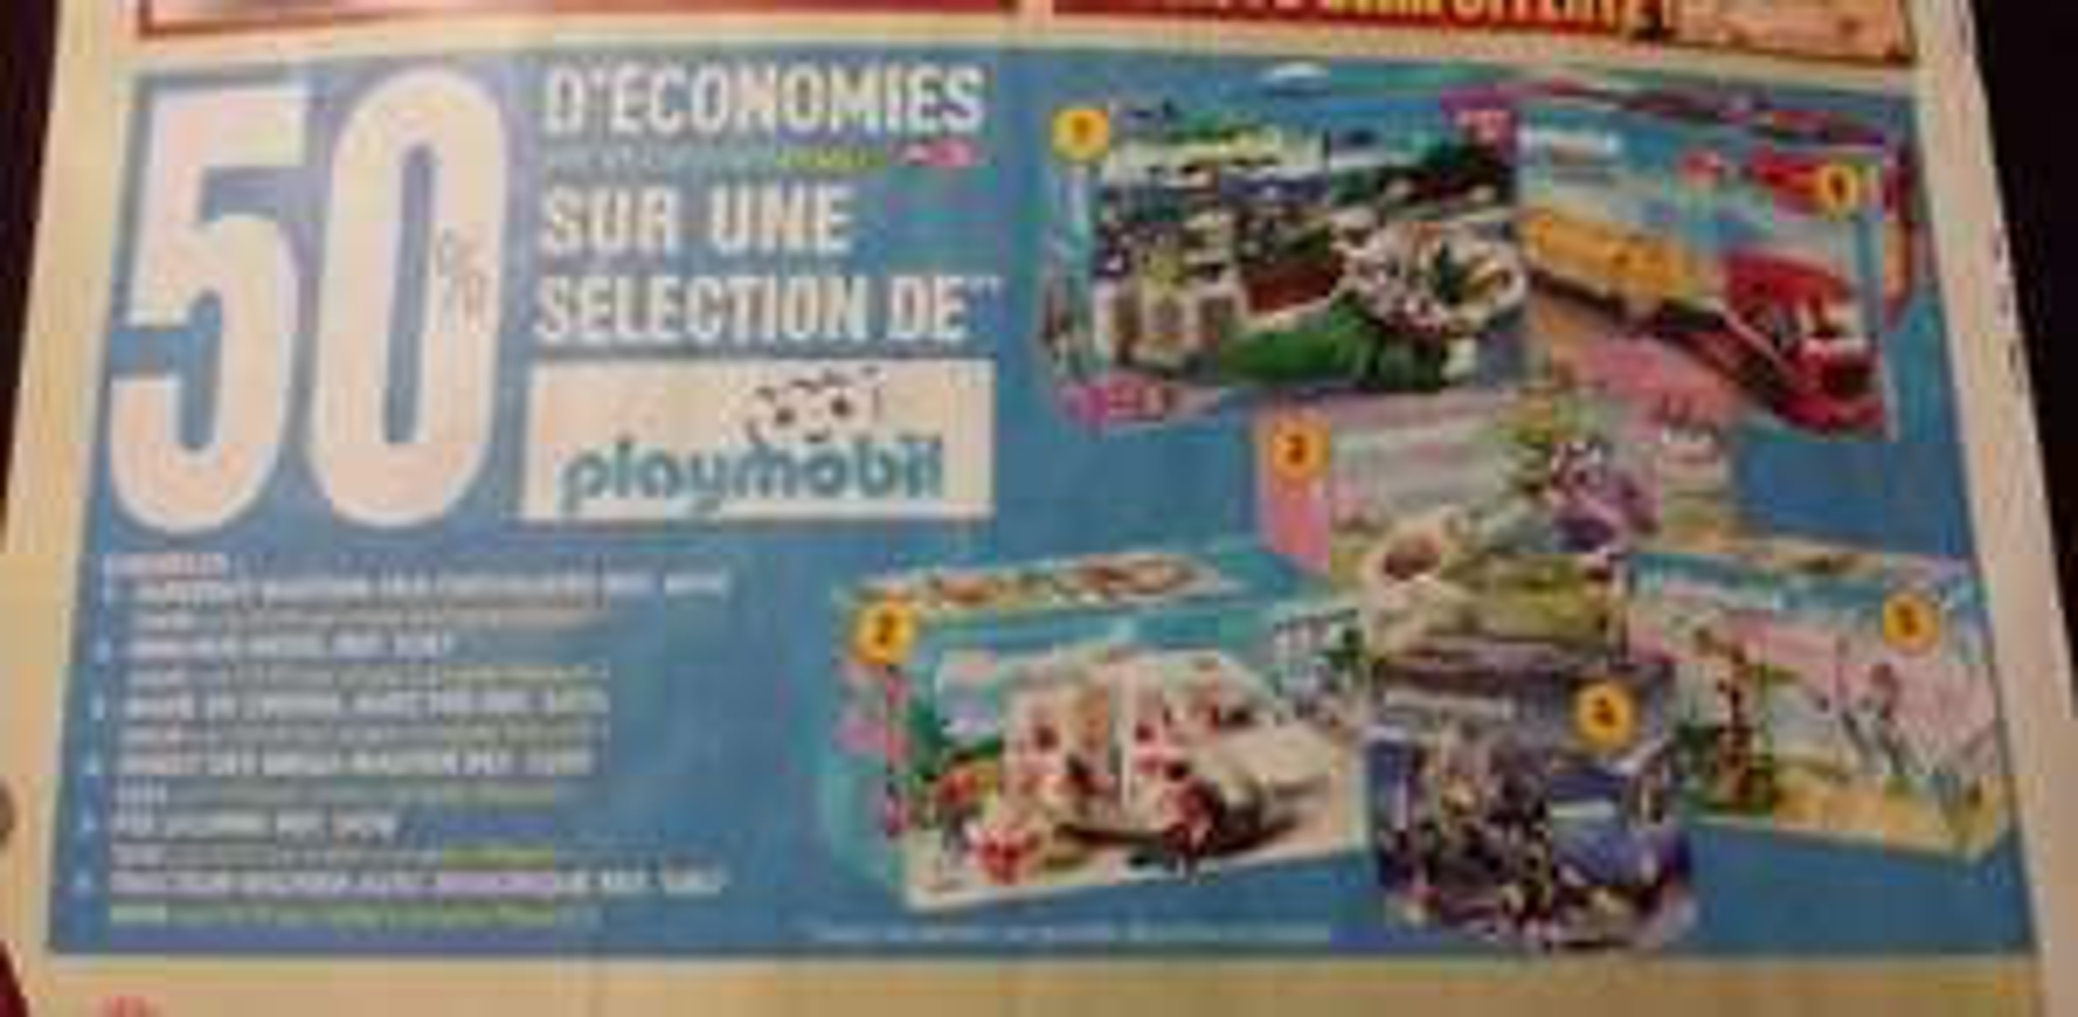 50% de remise sur la carte auchan sur une sélection de Playmobil - Ex : Tracteur routier avec remorque  (50% sur la carte)